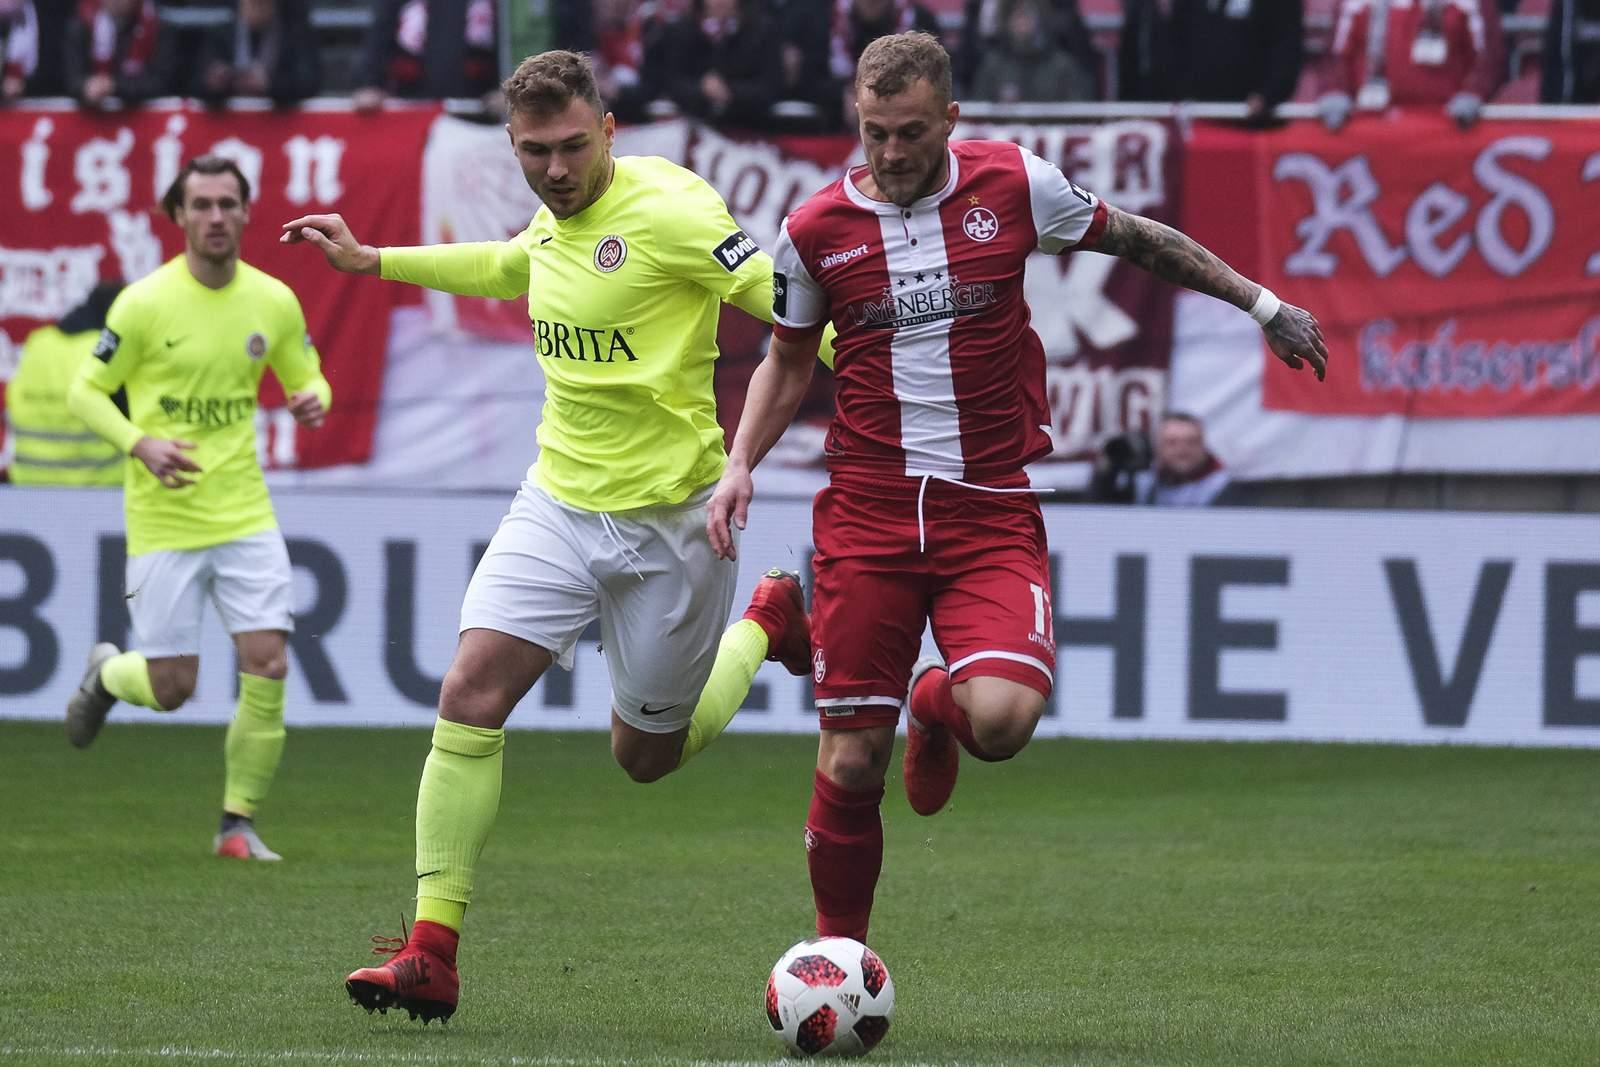 Maximilian Dittgen von Wehen Wiesbaden gegen Christoph Hemlein vom FCK